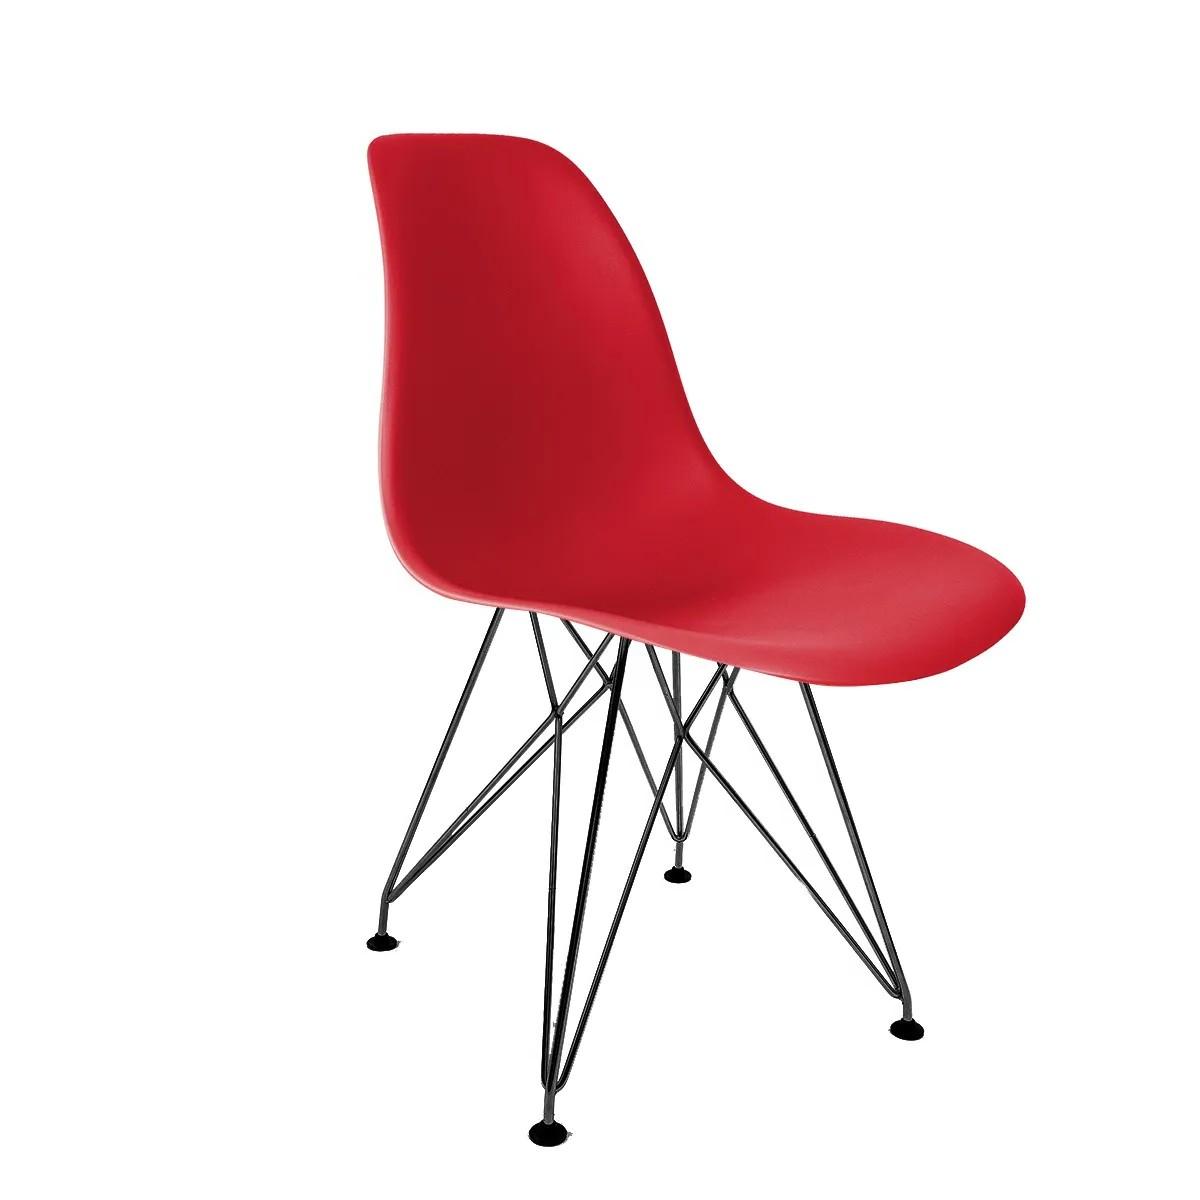 Cadeira Eames Vermelha - Base Eiffel Preta